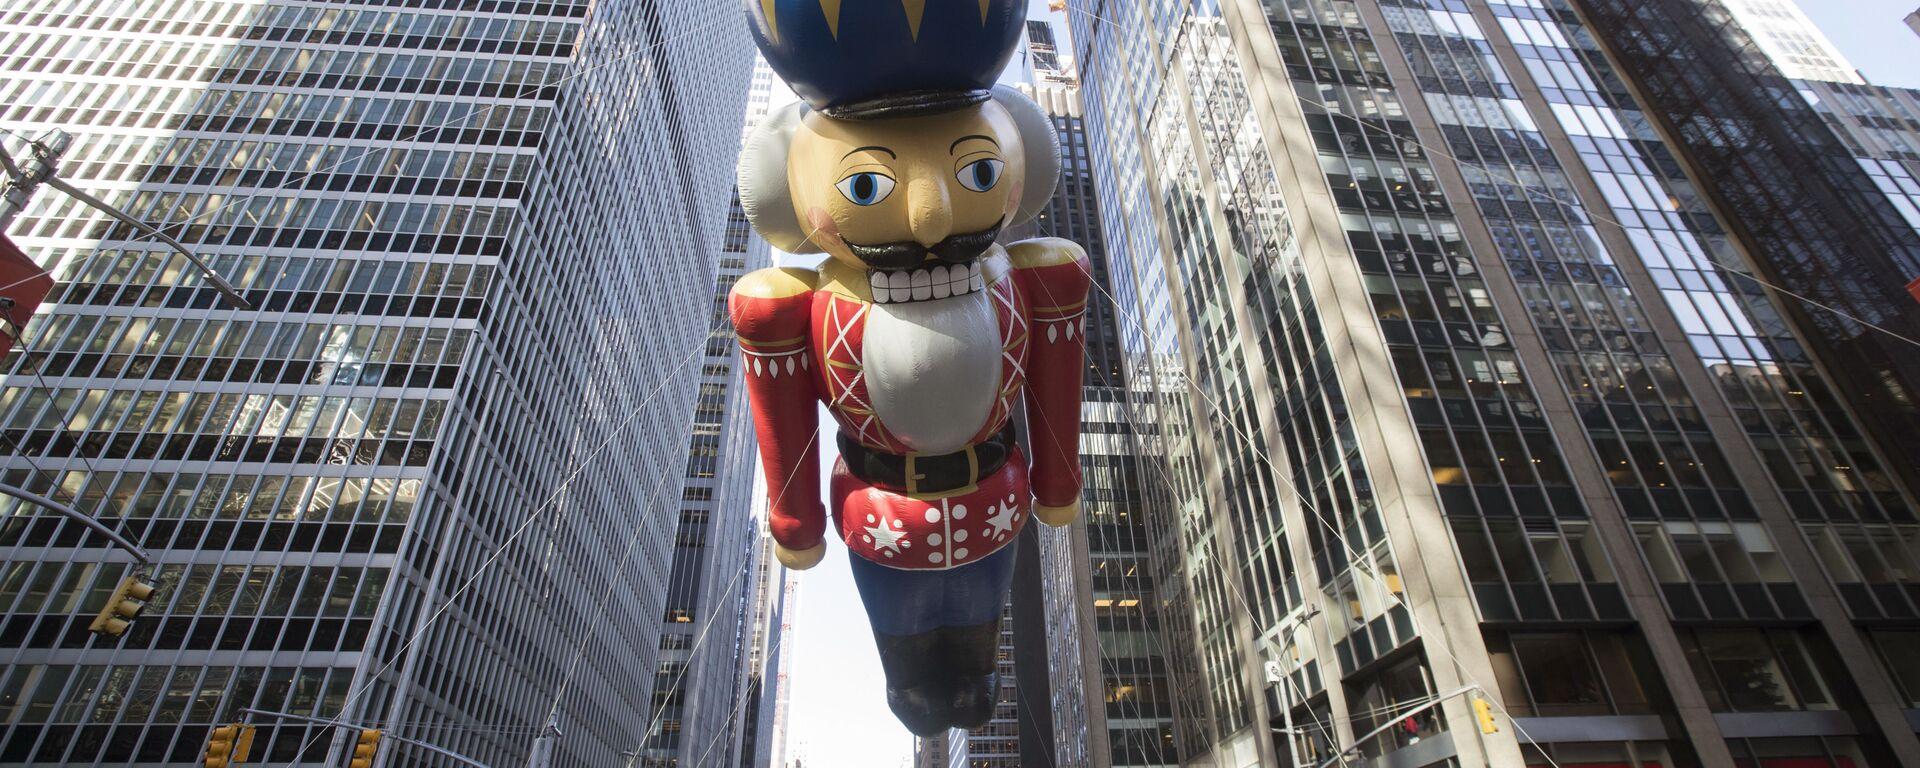 Wielka parada z okazji Dnia Dziękczynienia w Nowym Jorku - Sputnik Polska, 1920, 12.07.2021